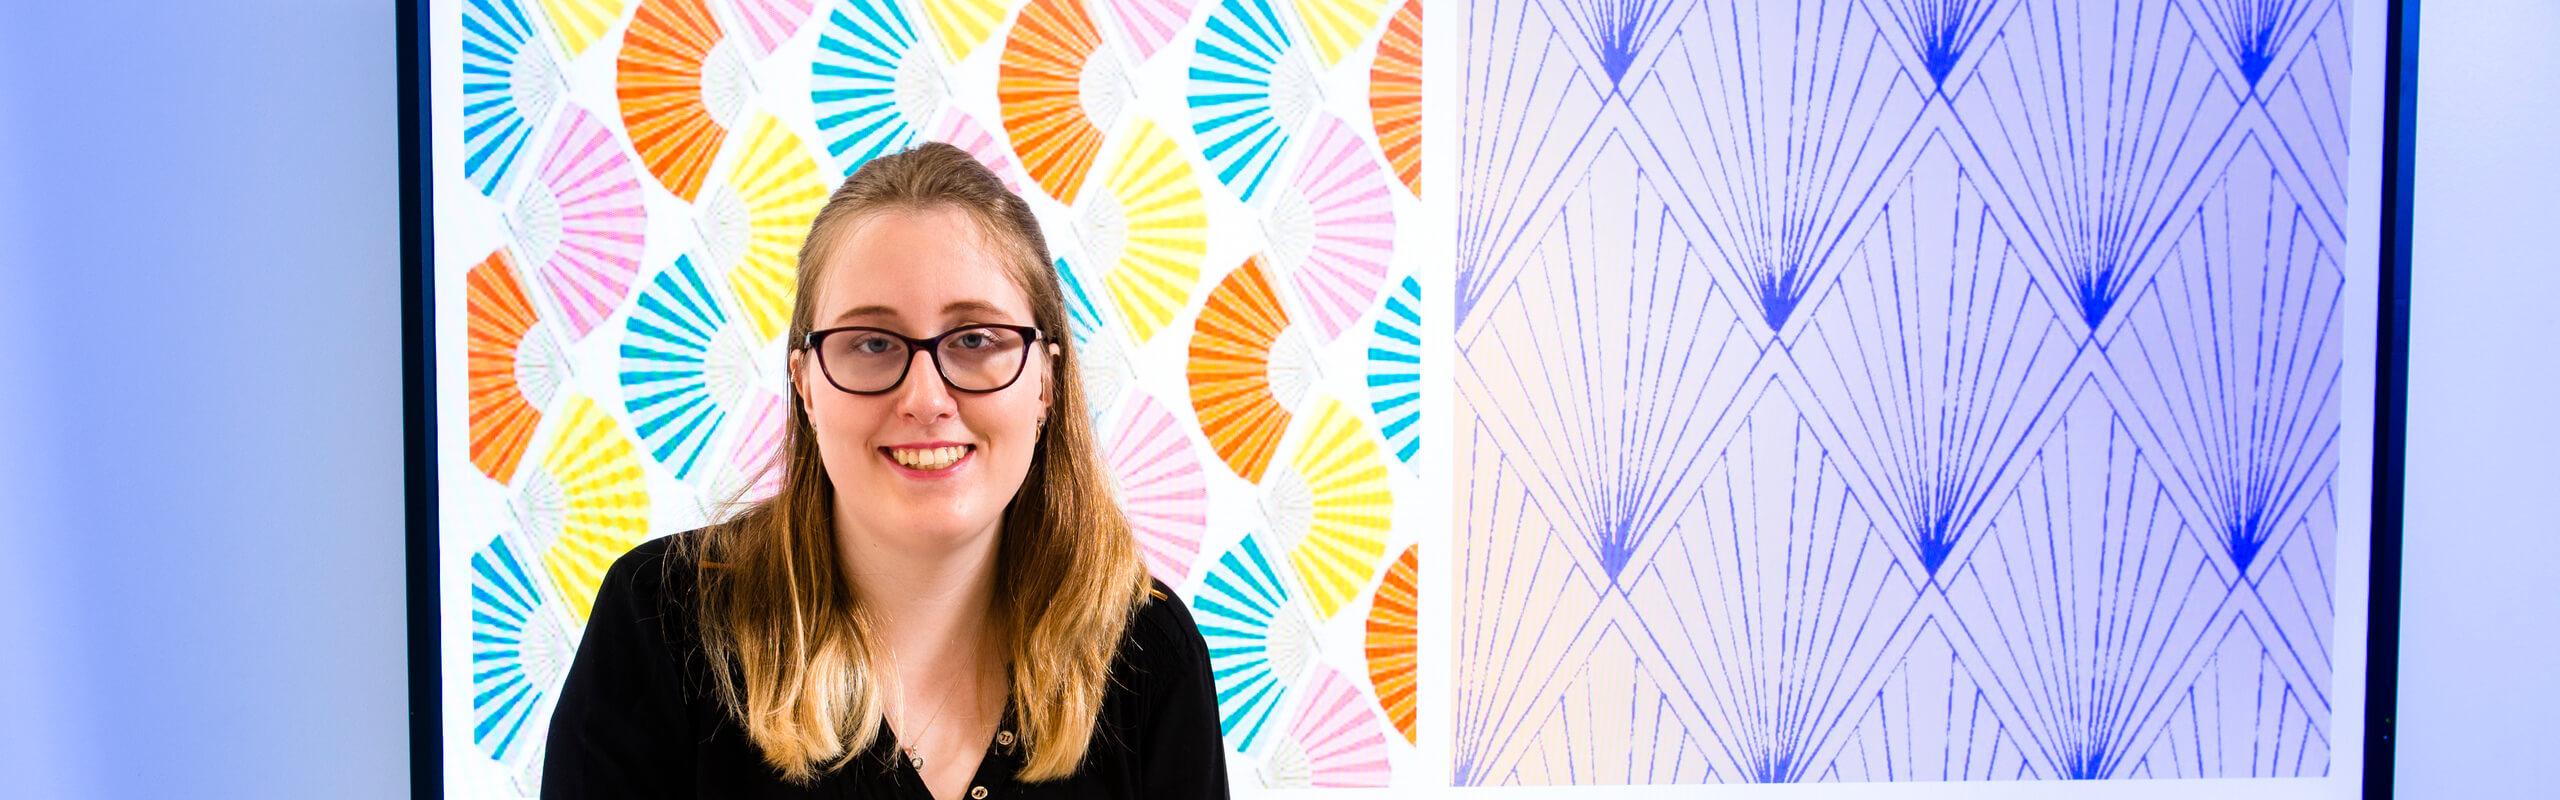 Katie Gilbert Textile Student with Kimono Design